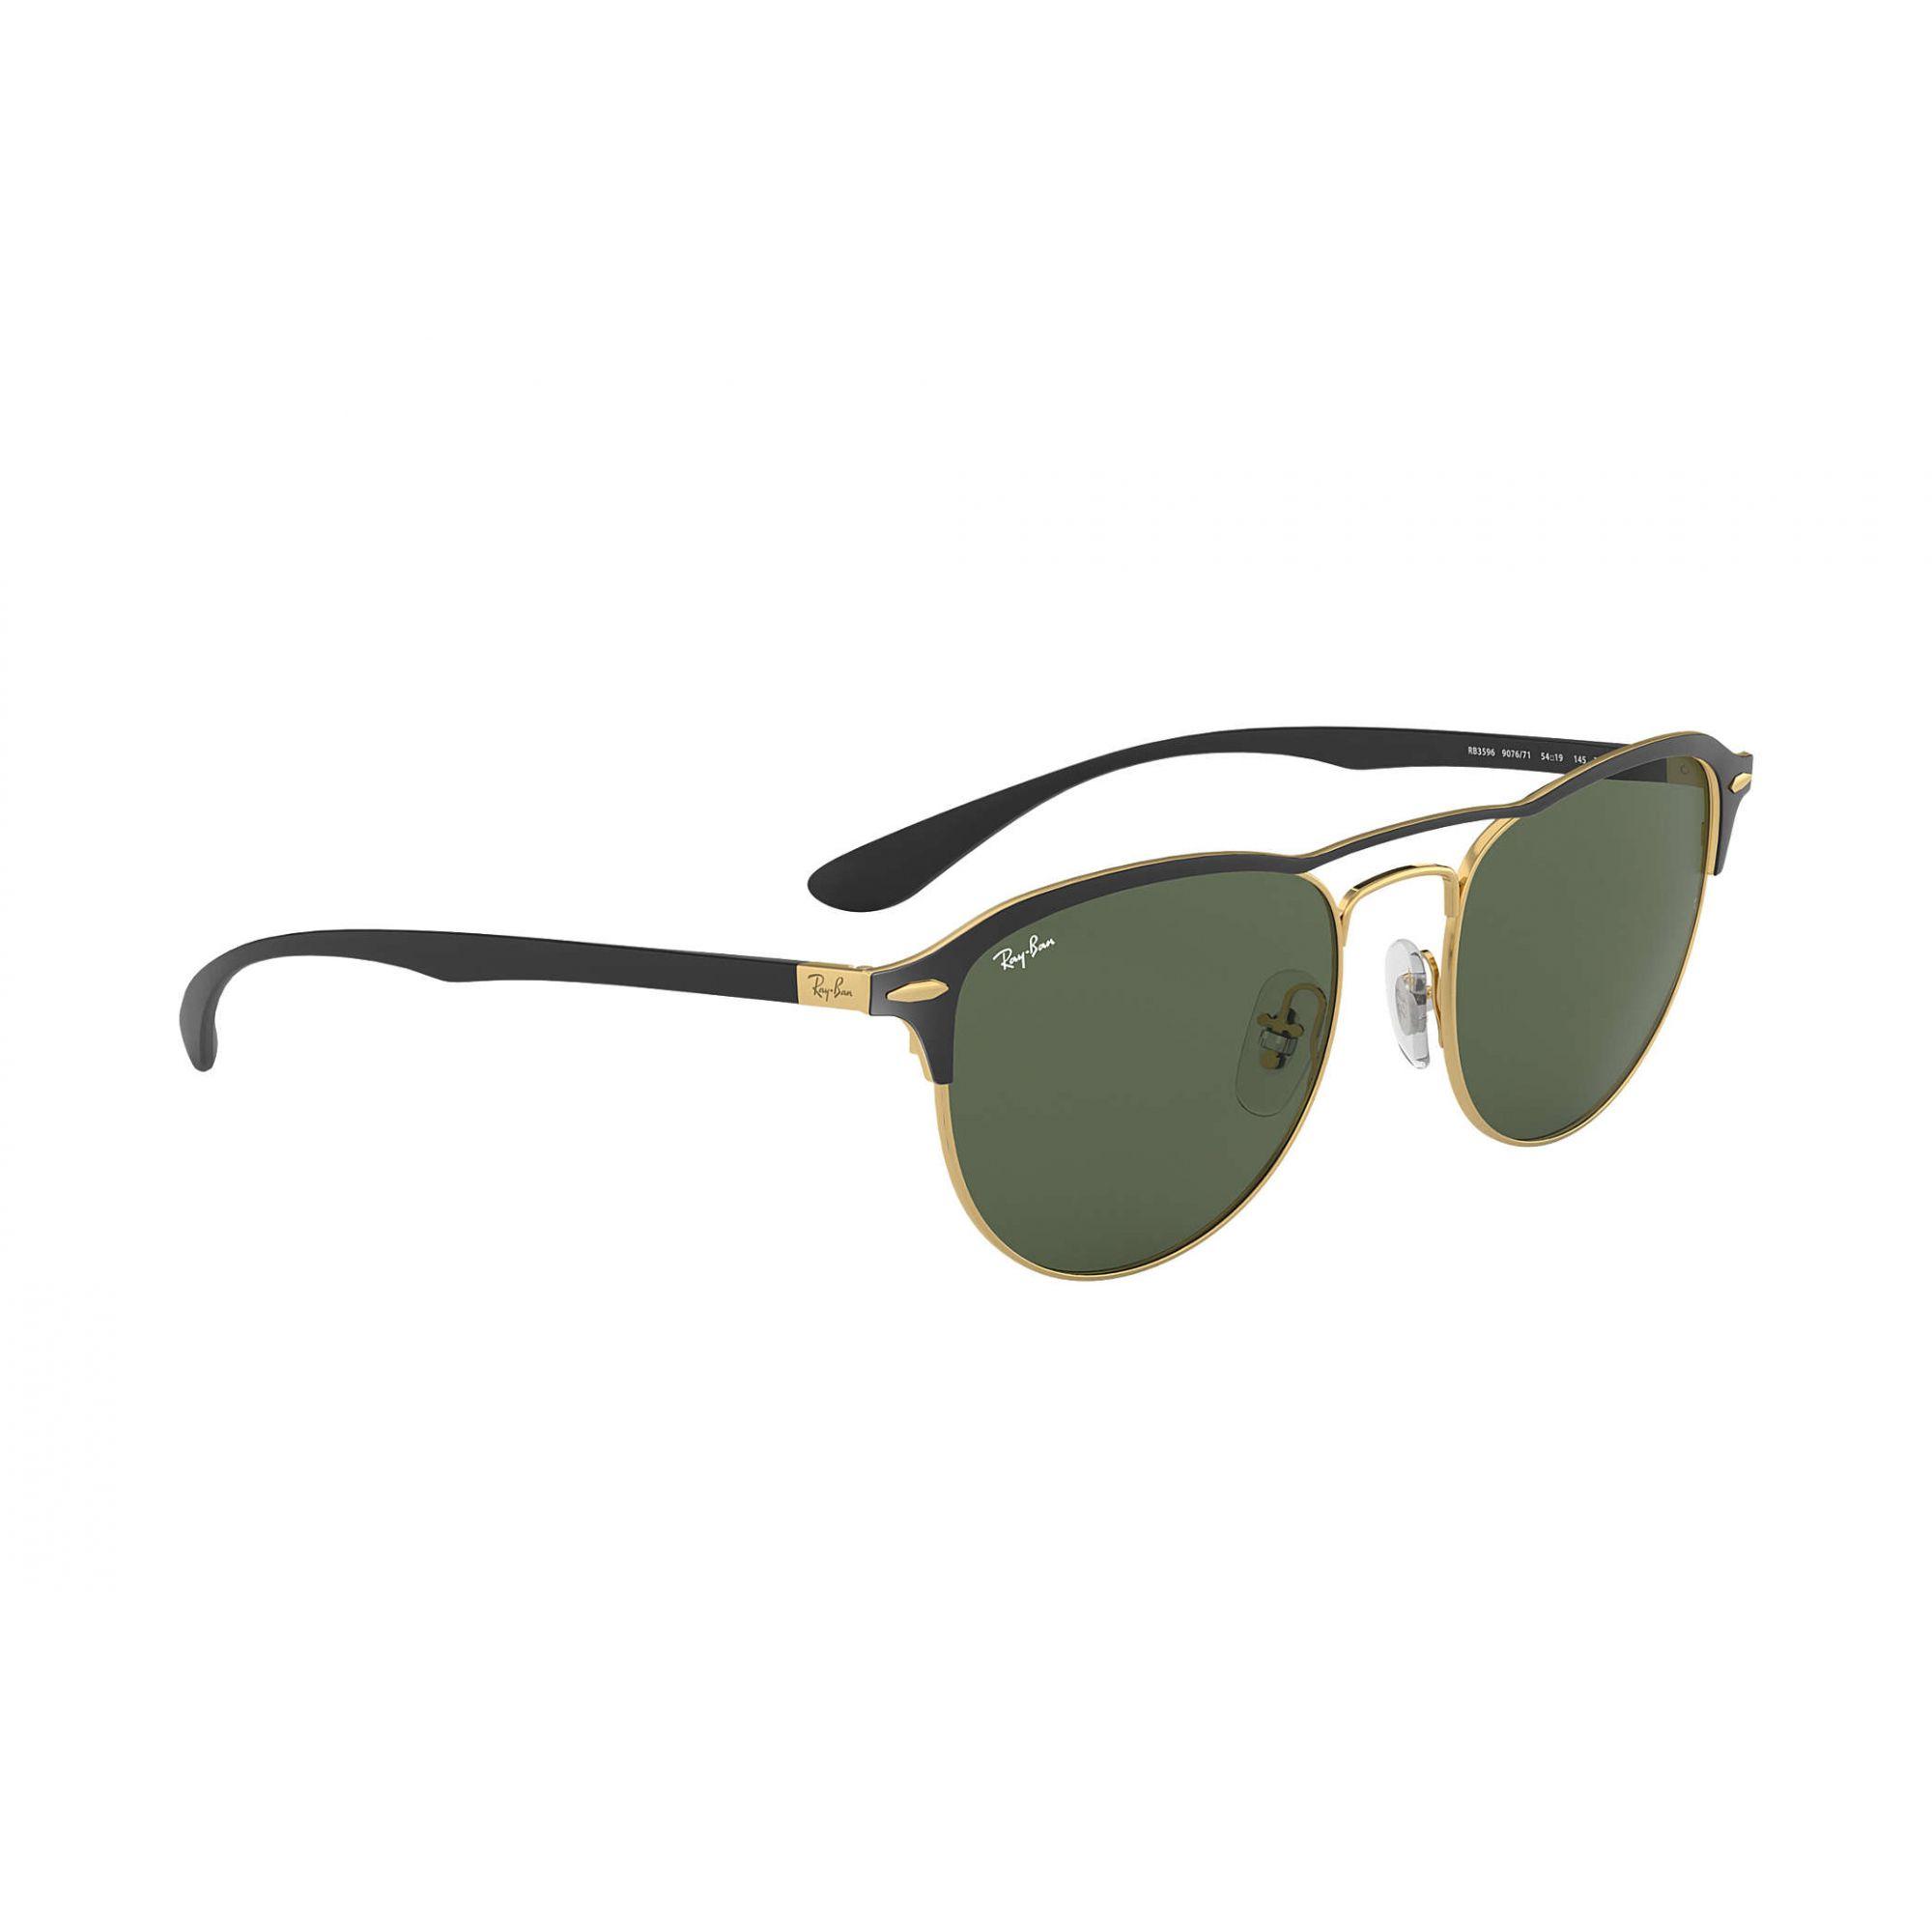 Ray Ban - RB3596 90767154 - Óculos de sol